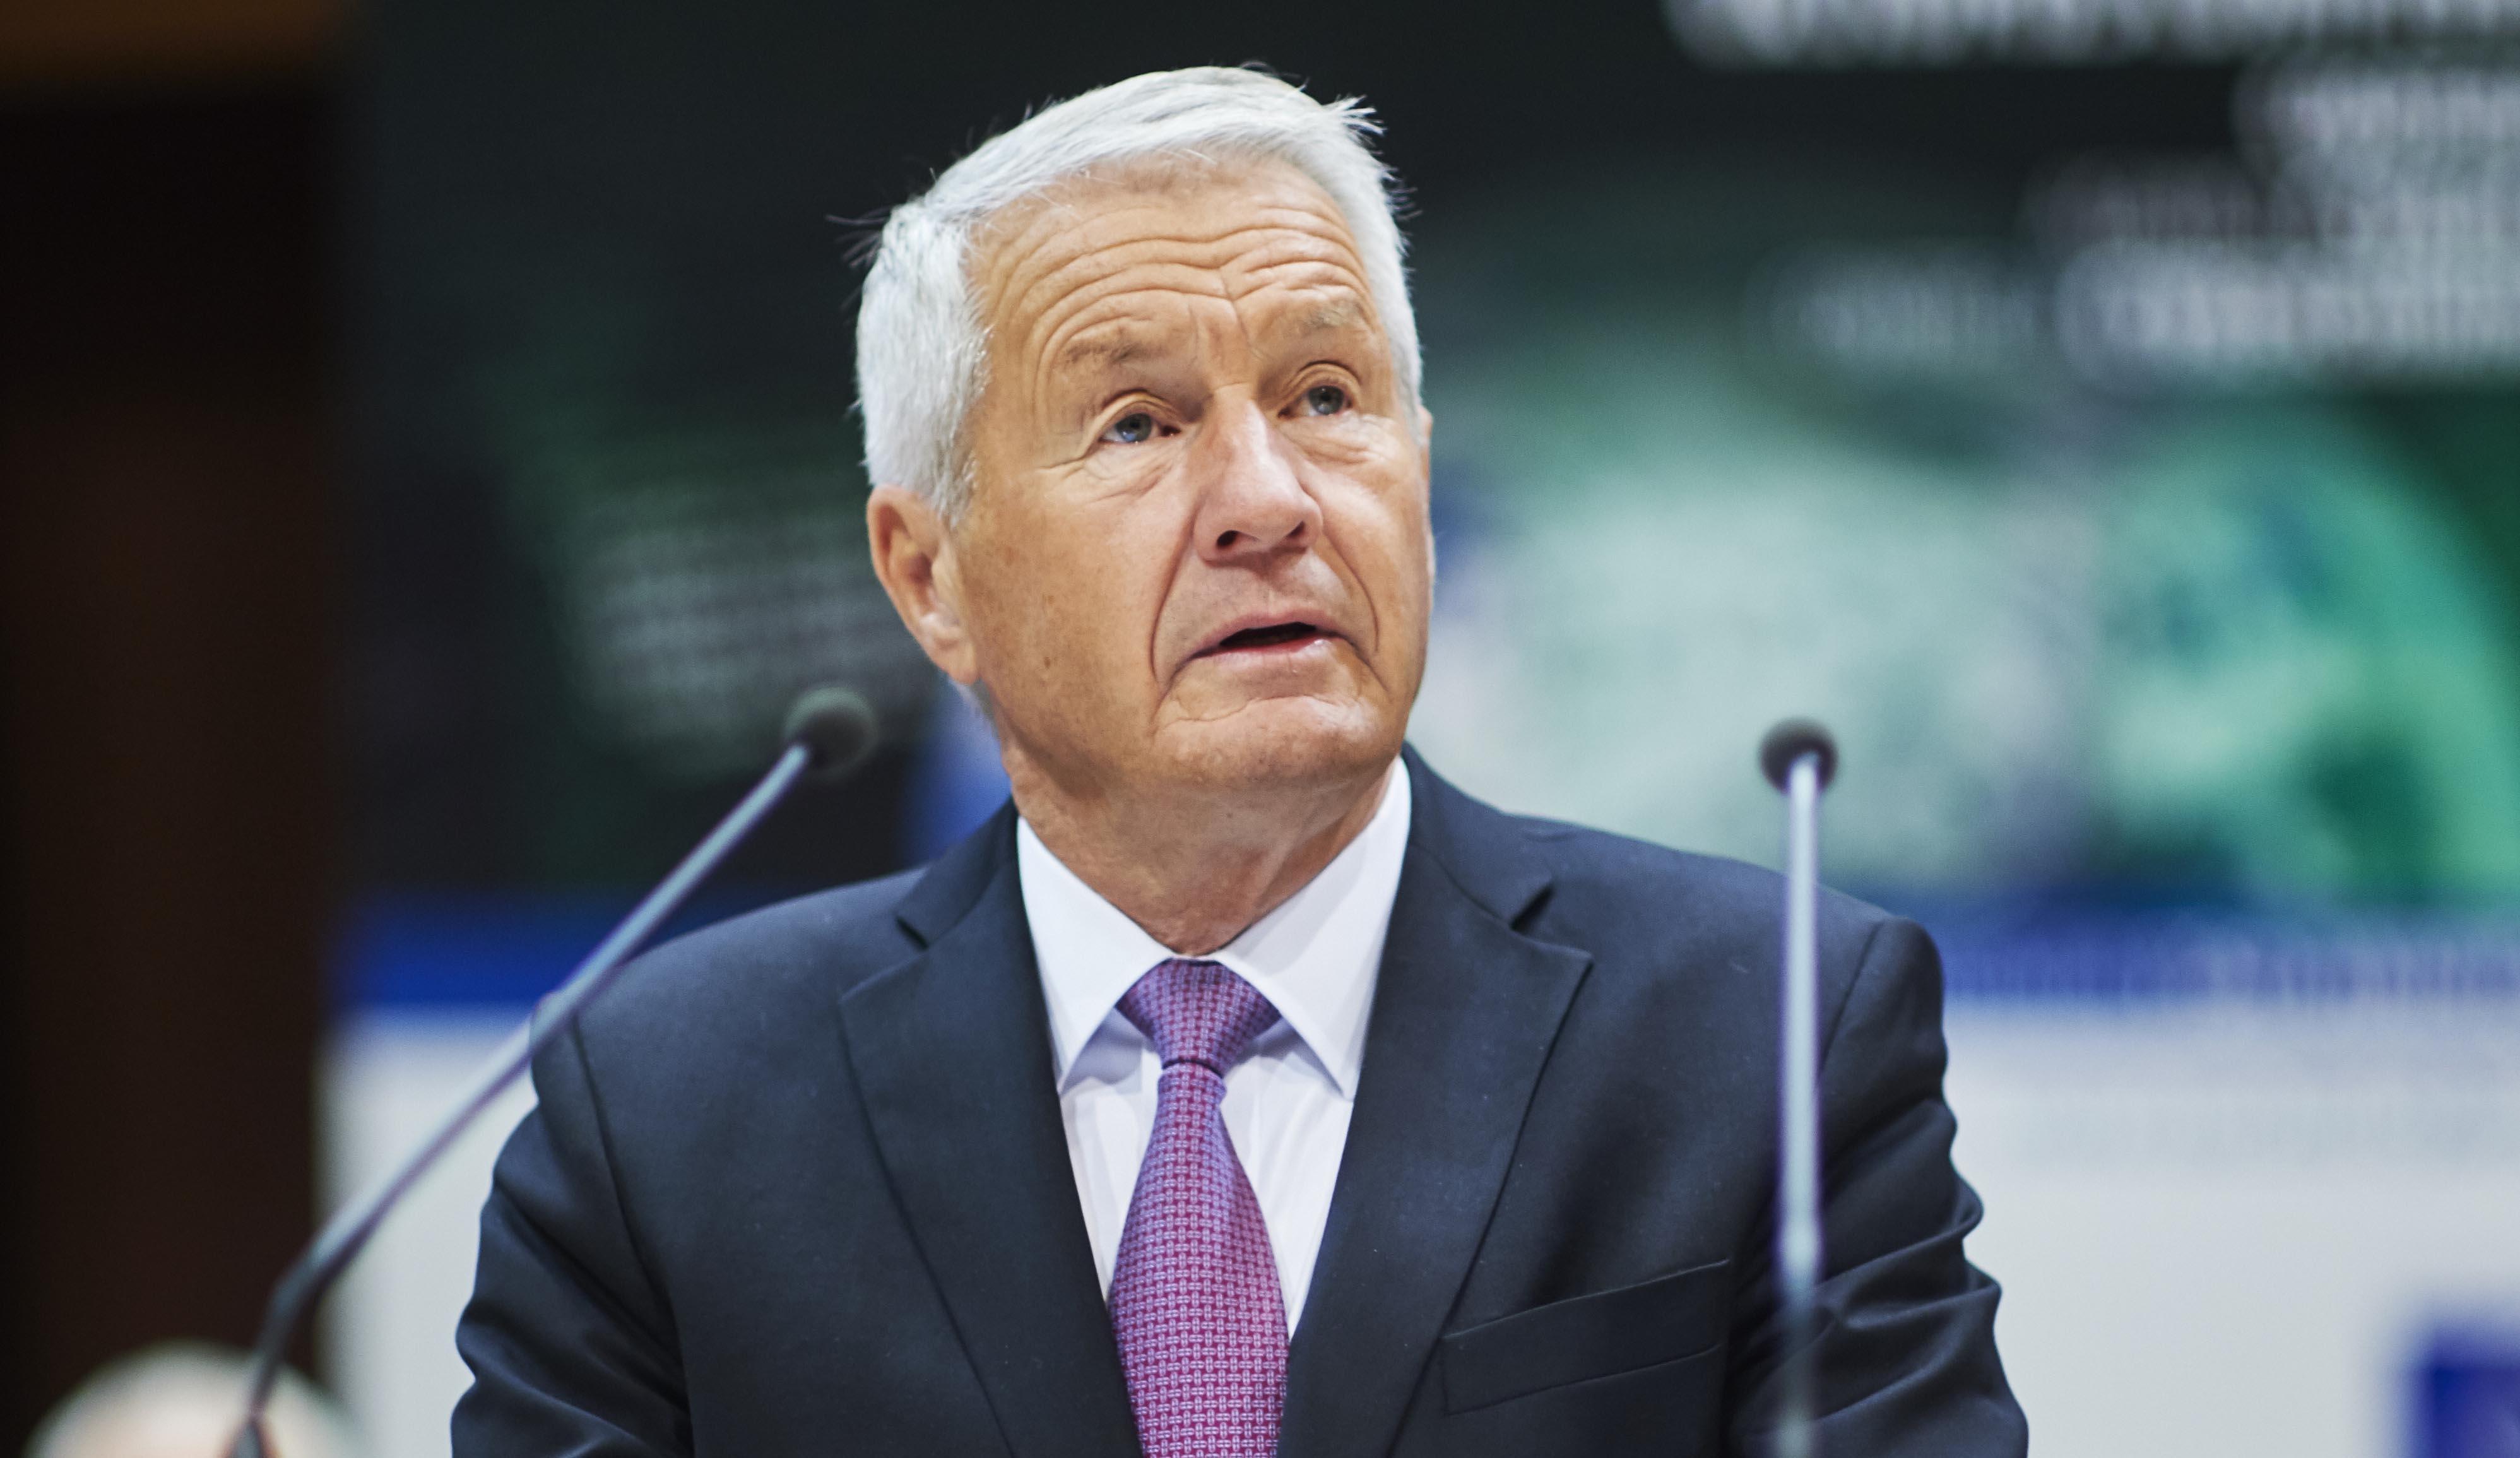 Secretario General insta a una mayor asistencia a las víctimas - Nota de prensa